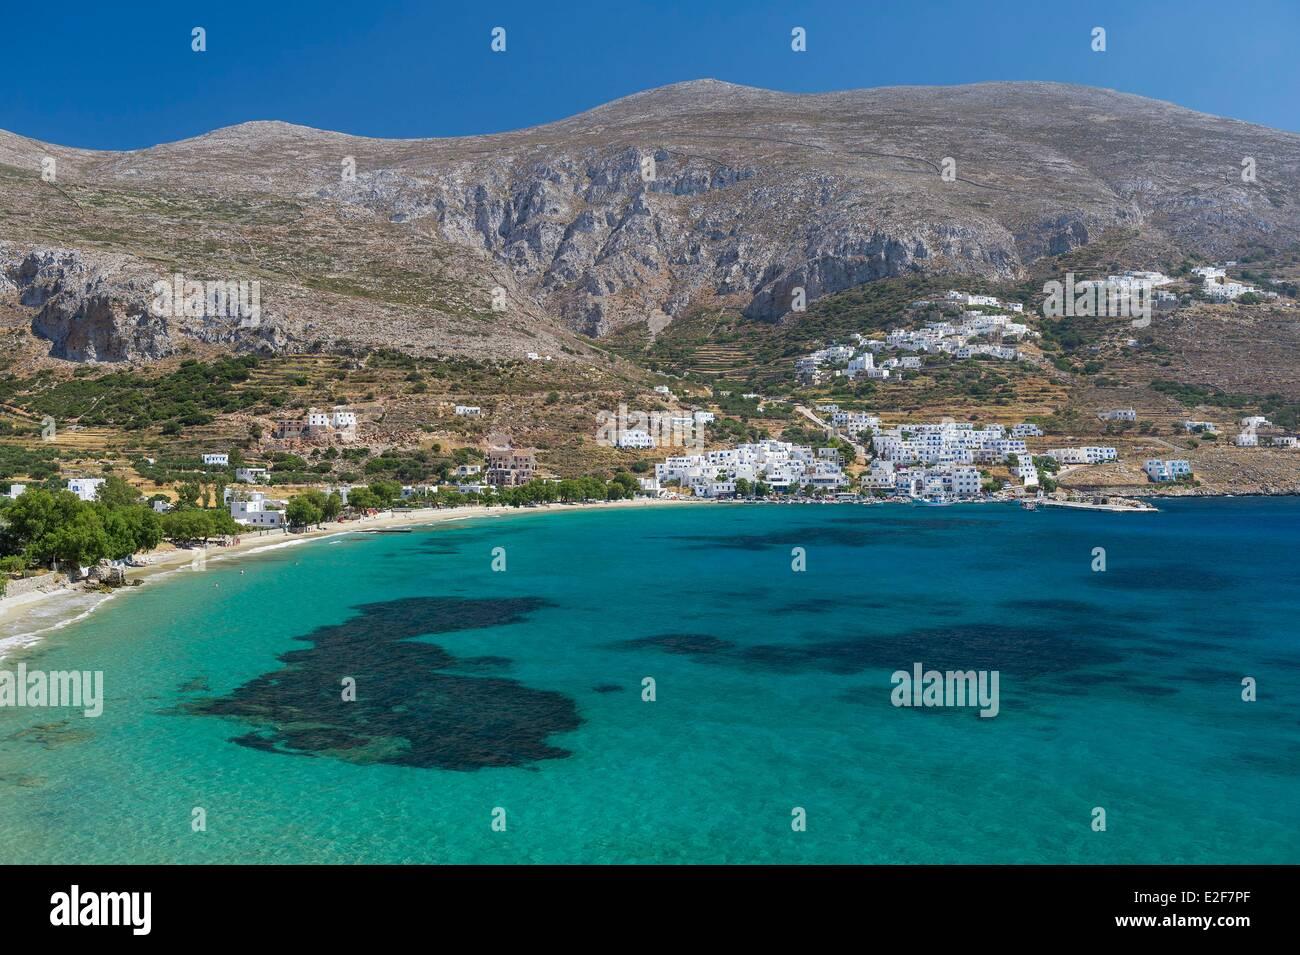 En Grecia, en las islas Cícladas, isla Amorgos Aegiali bay Imagen De Stock